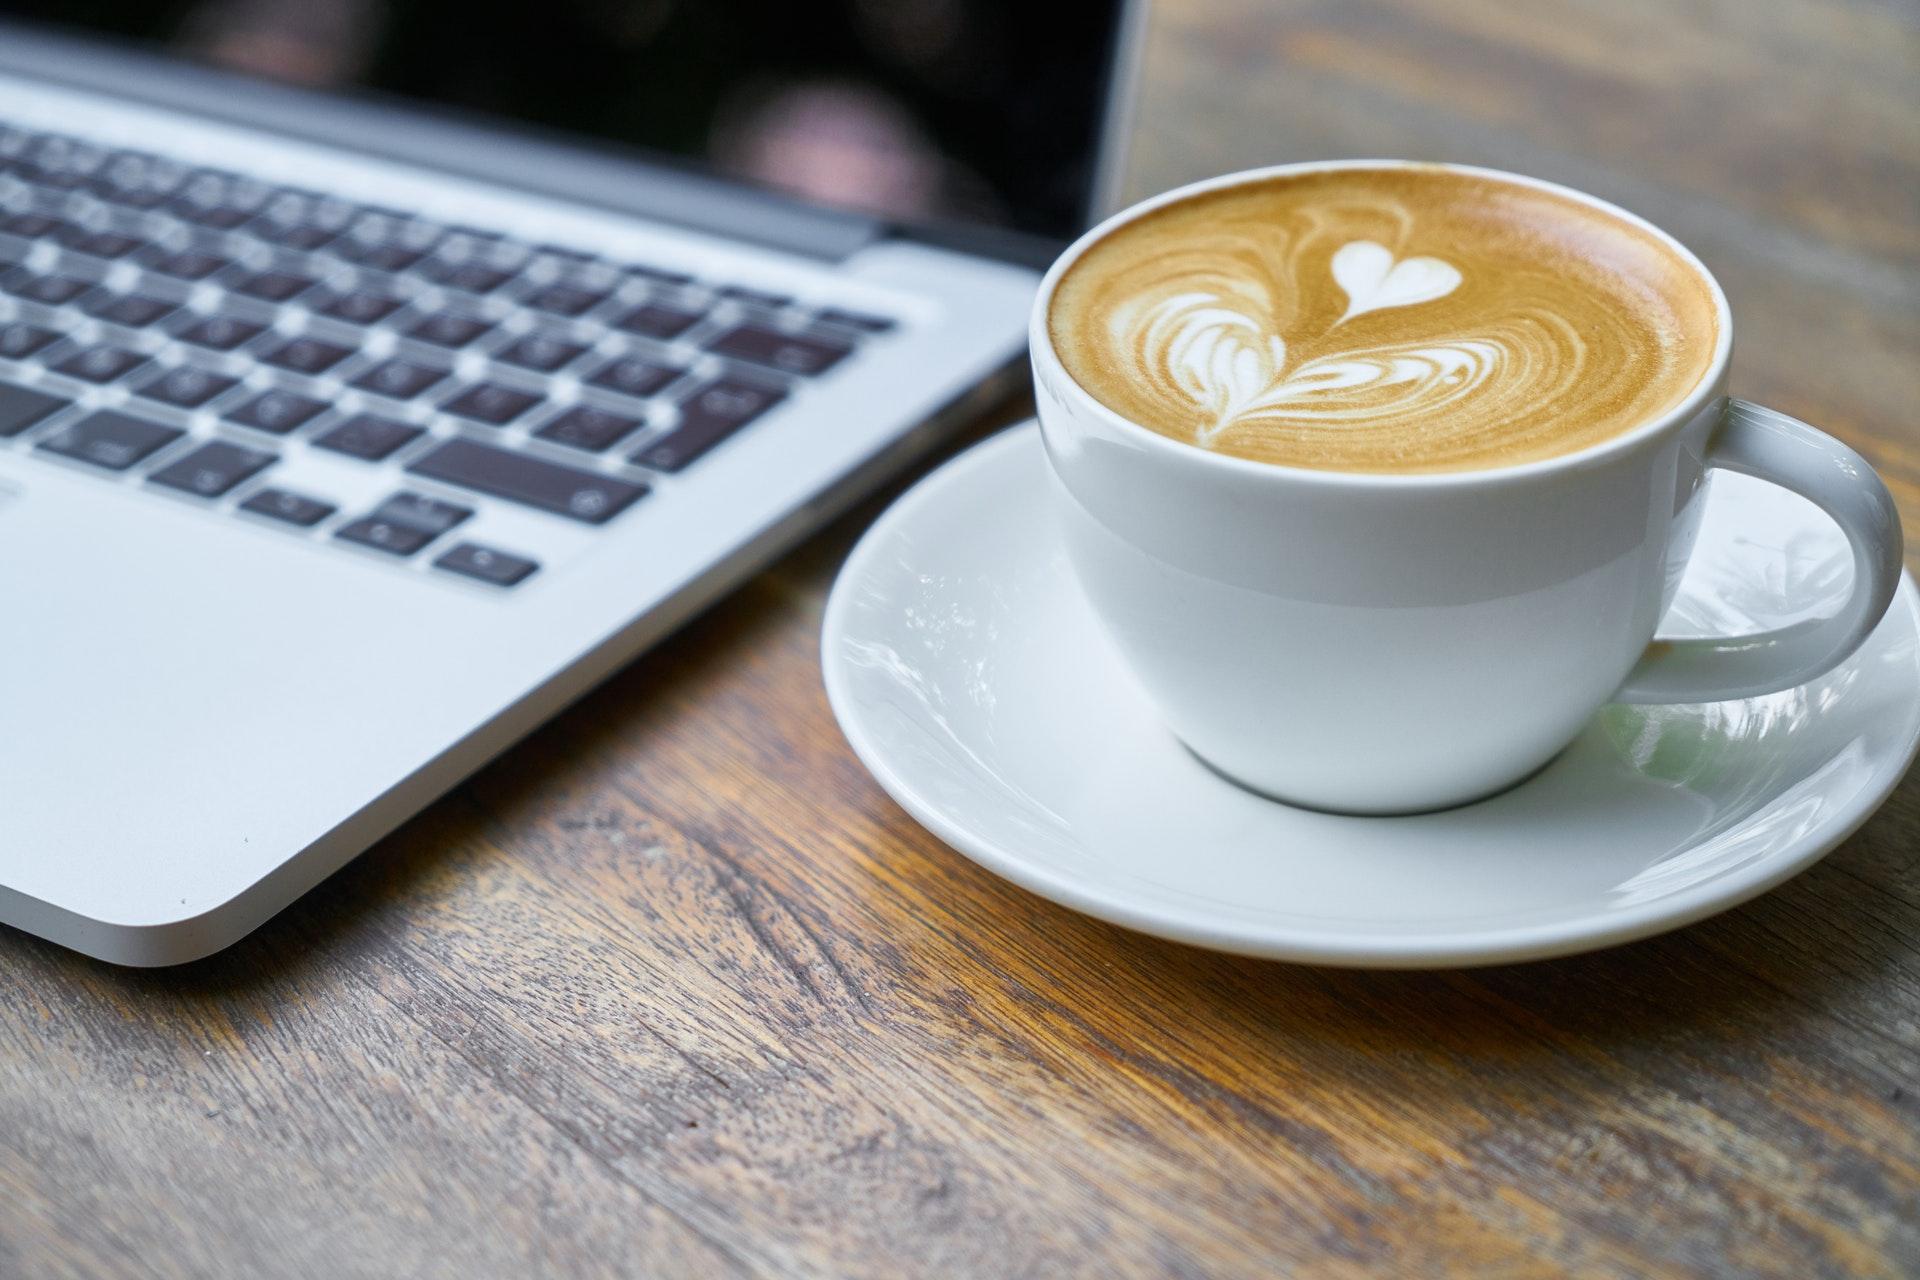 Диетологи США Таул и Ричардс советуют пить кофе за завтраком